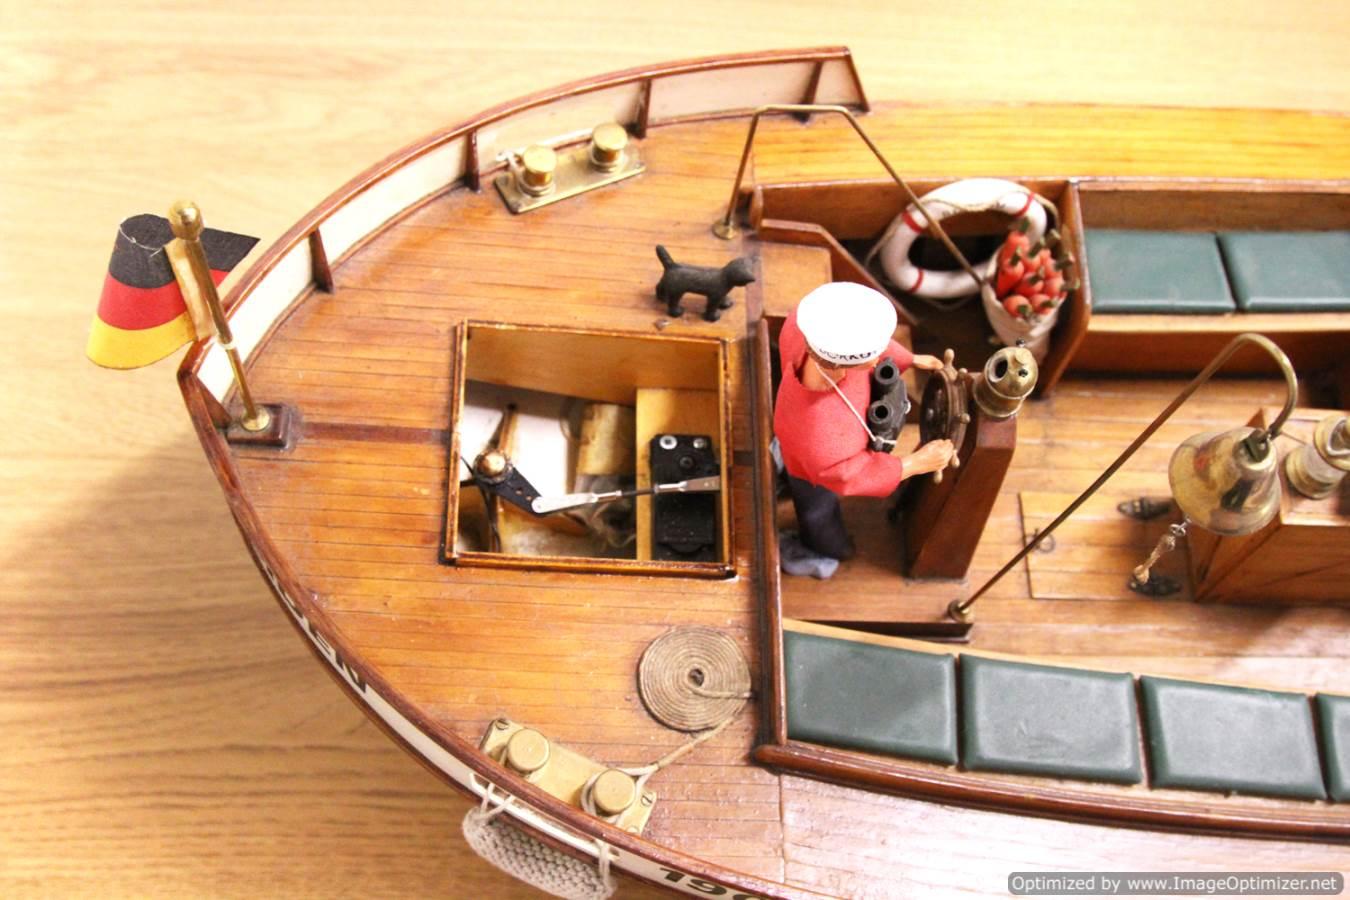 test bockrum-cheddar-steam-boat-live-steam-model-for-sale-14-optimized